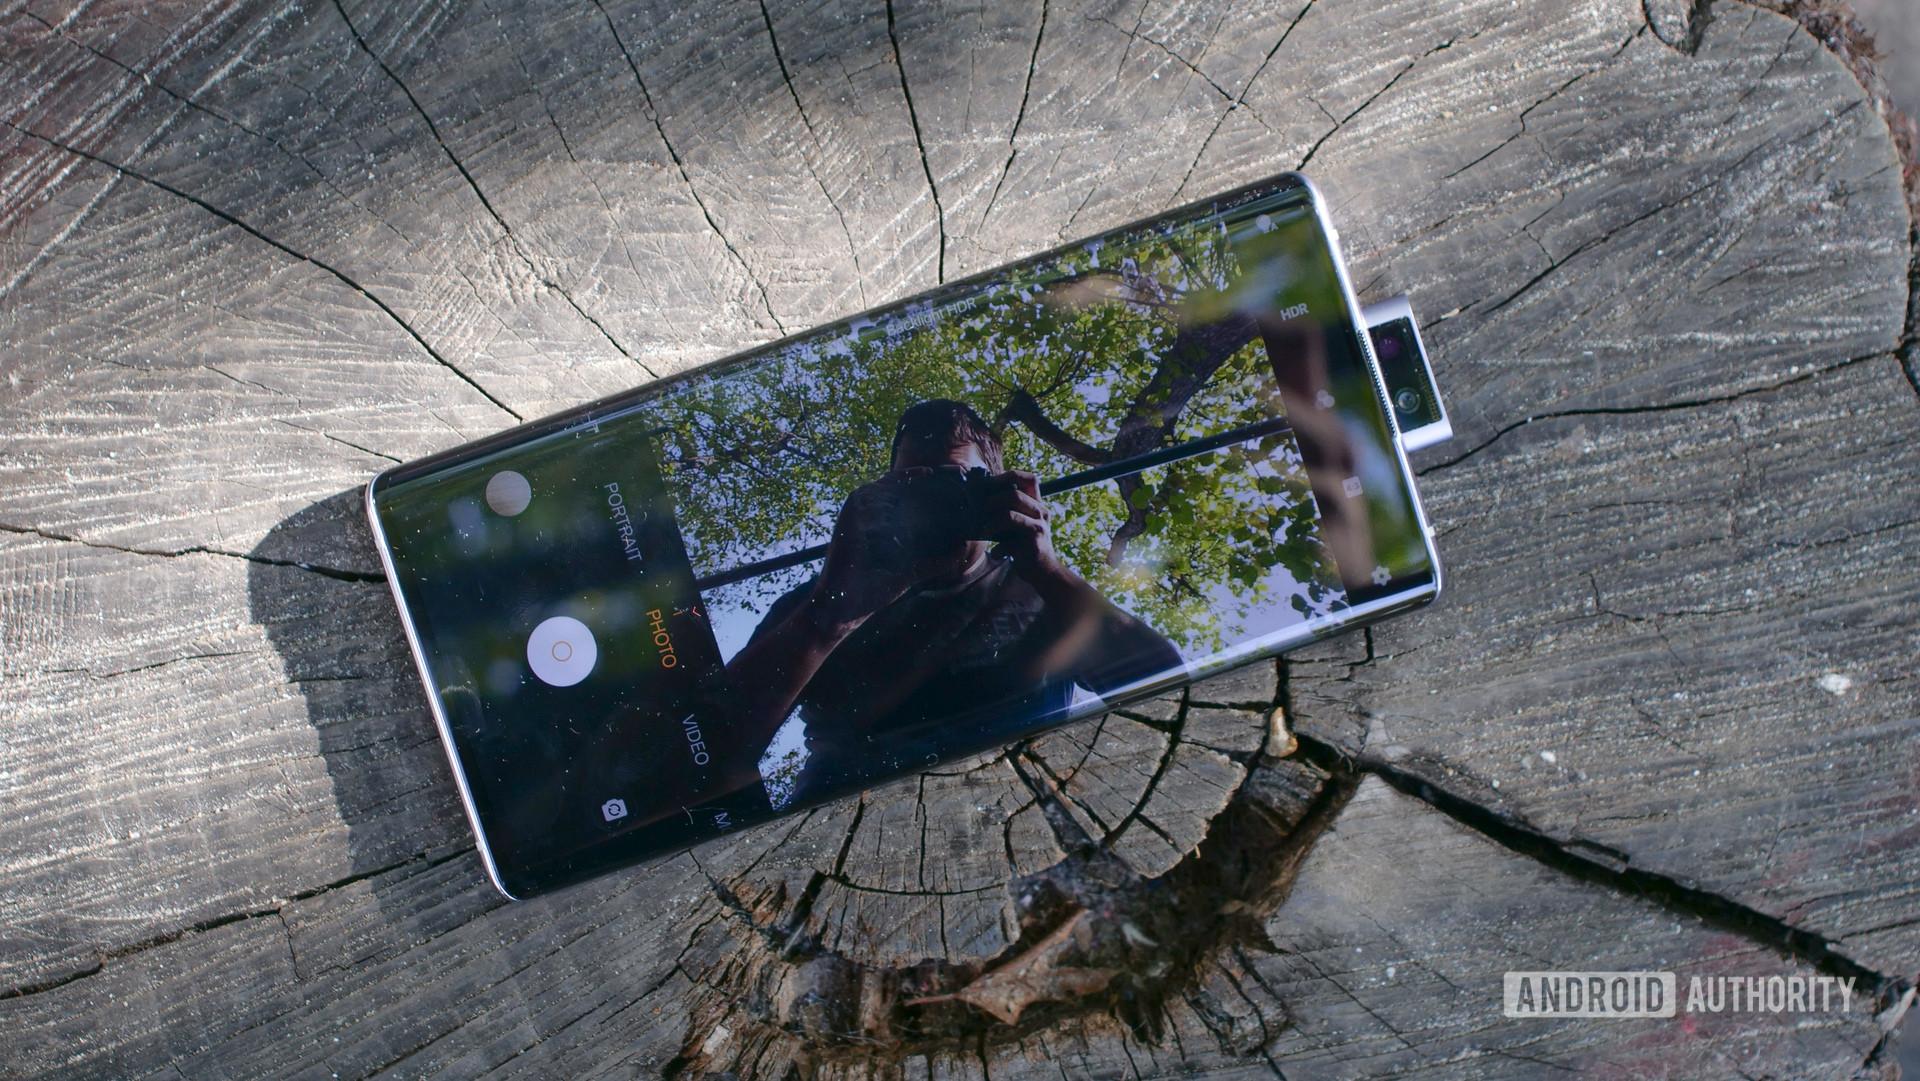 Vivo nex 3 5g selfie camera pop up 2